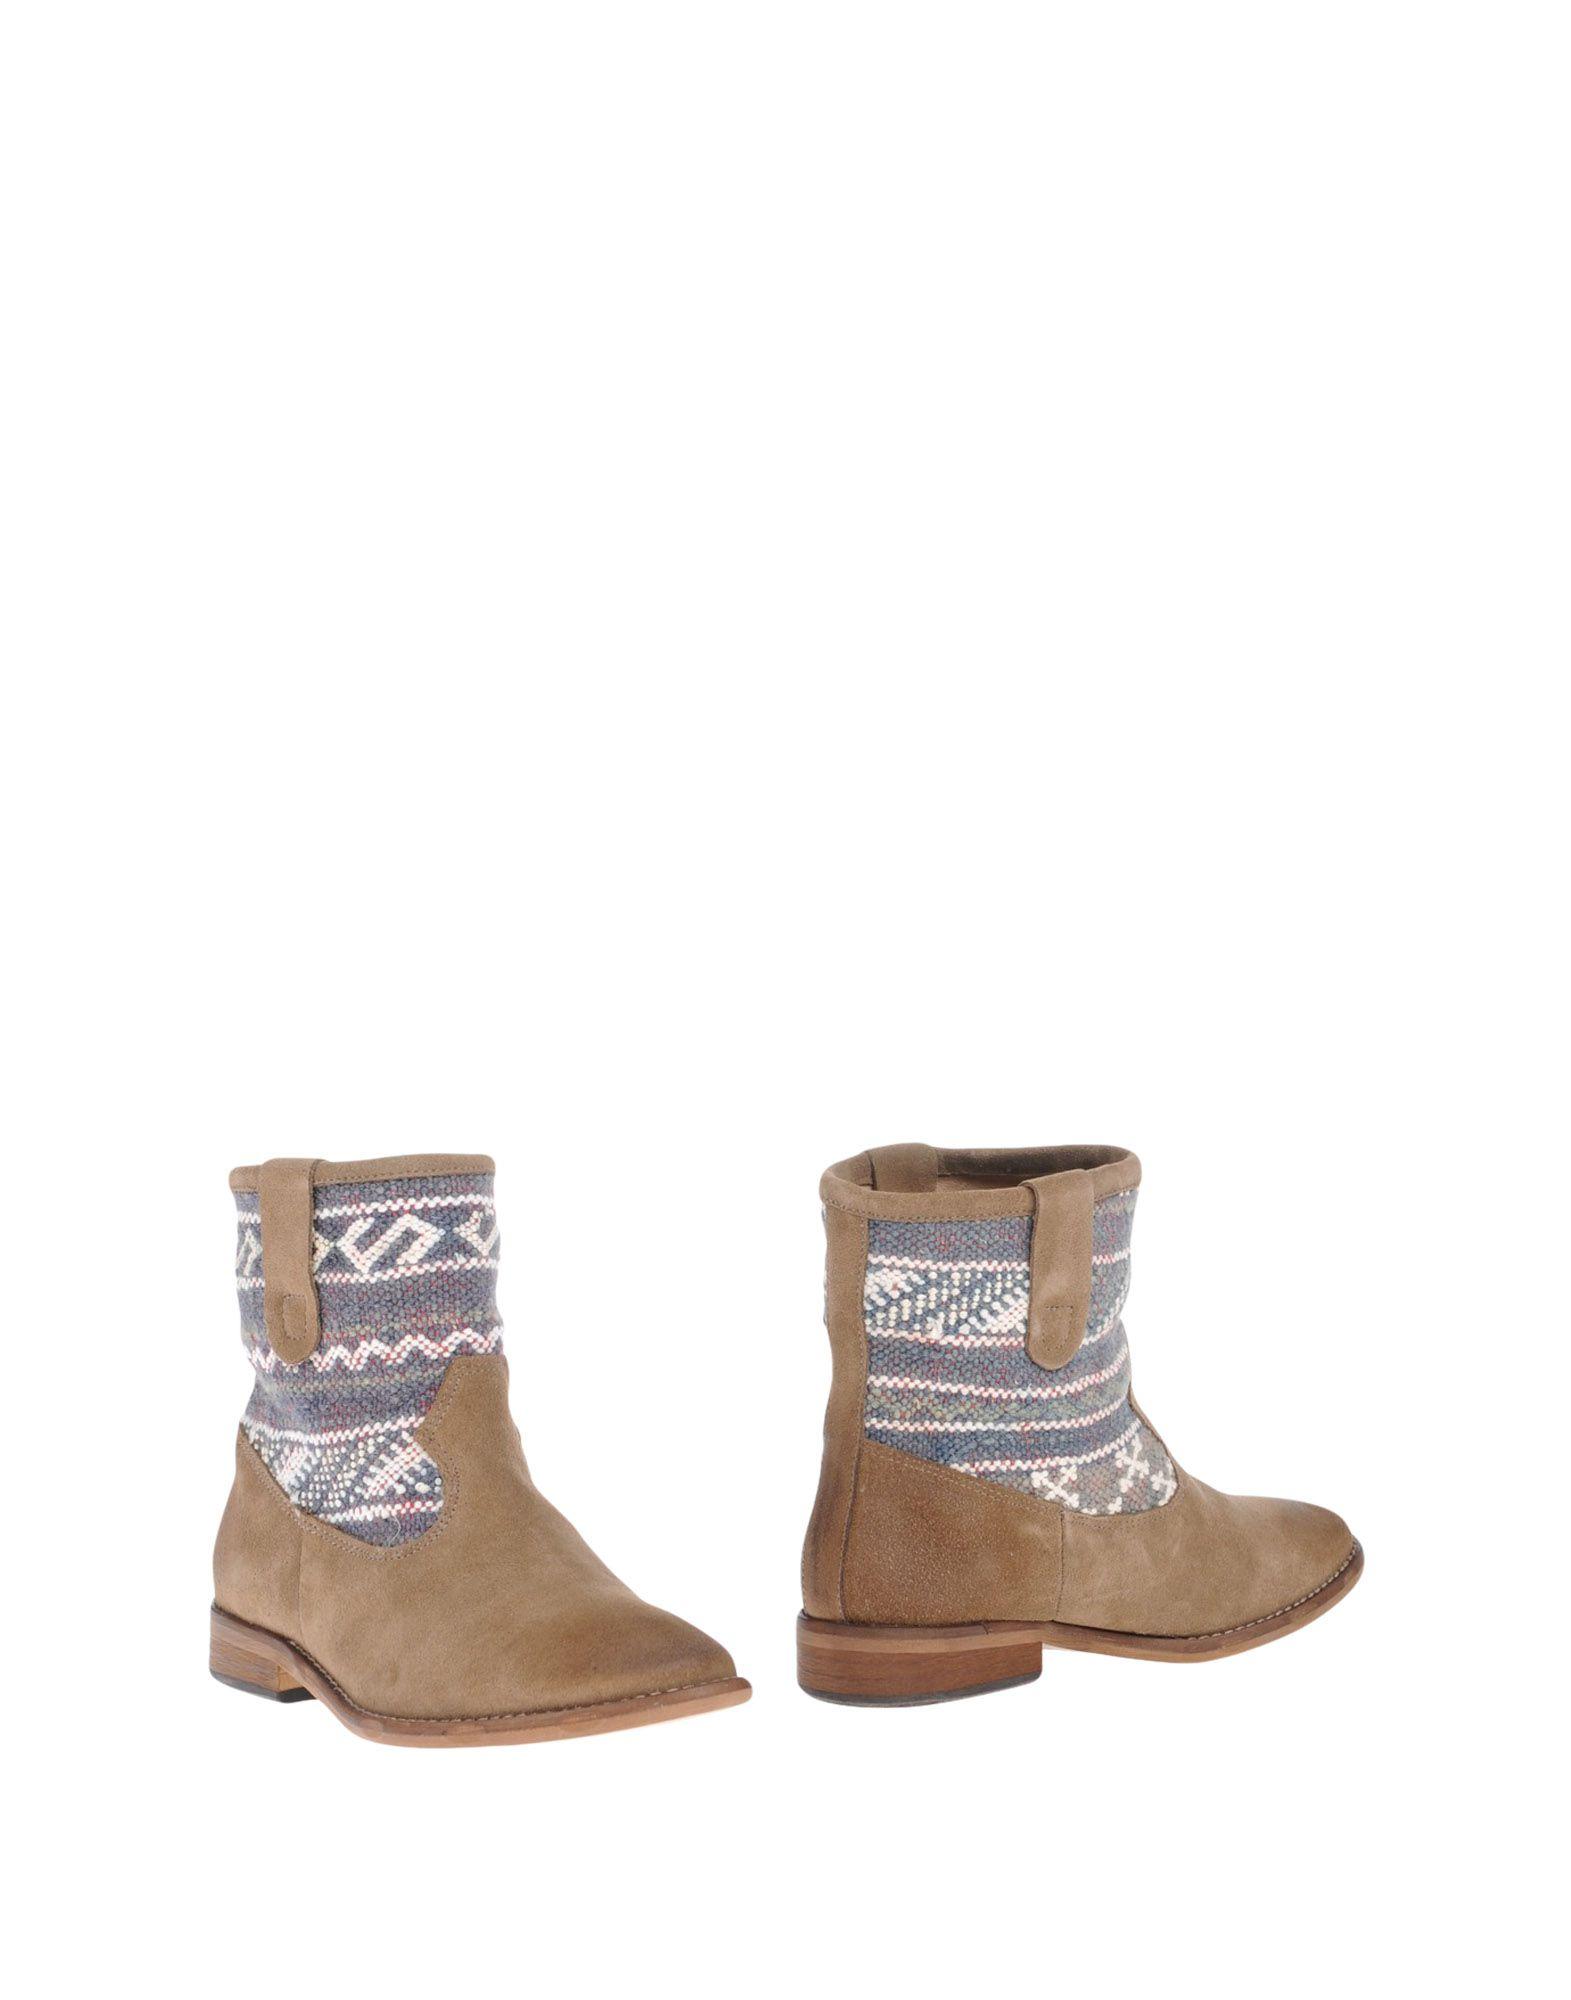 Howsty Stiefelette Damen  Schuhe 11190756JJ Gute Qualität beliebte Schuhe  a27e7a